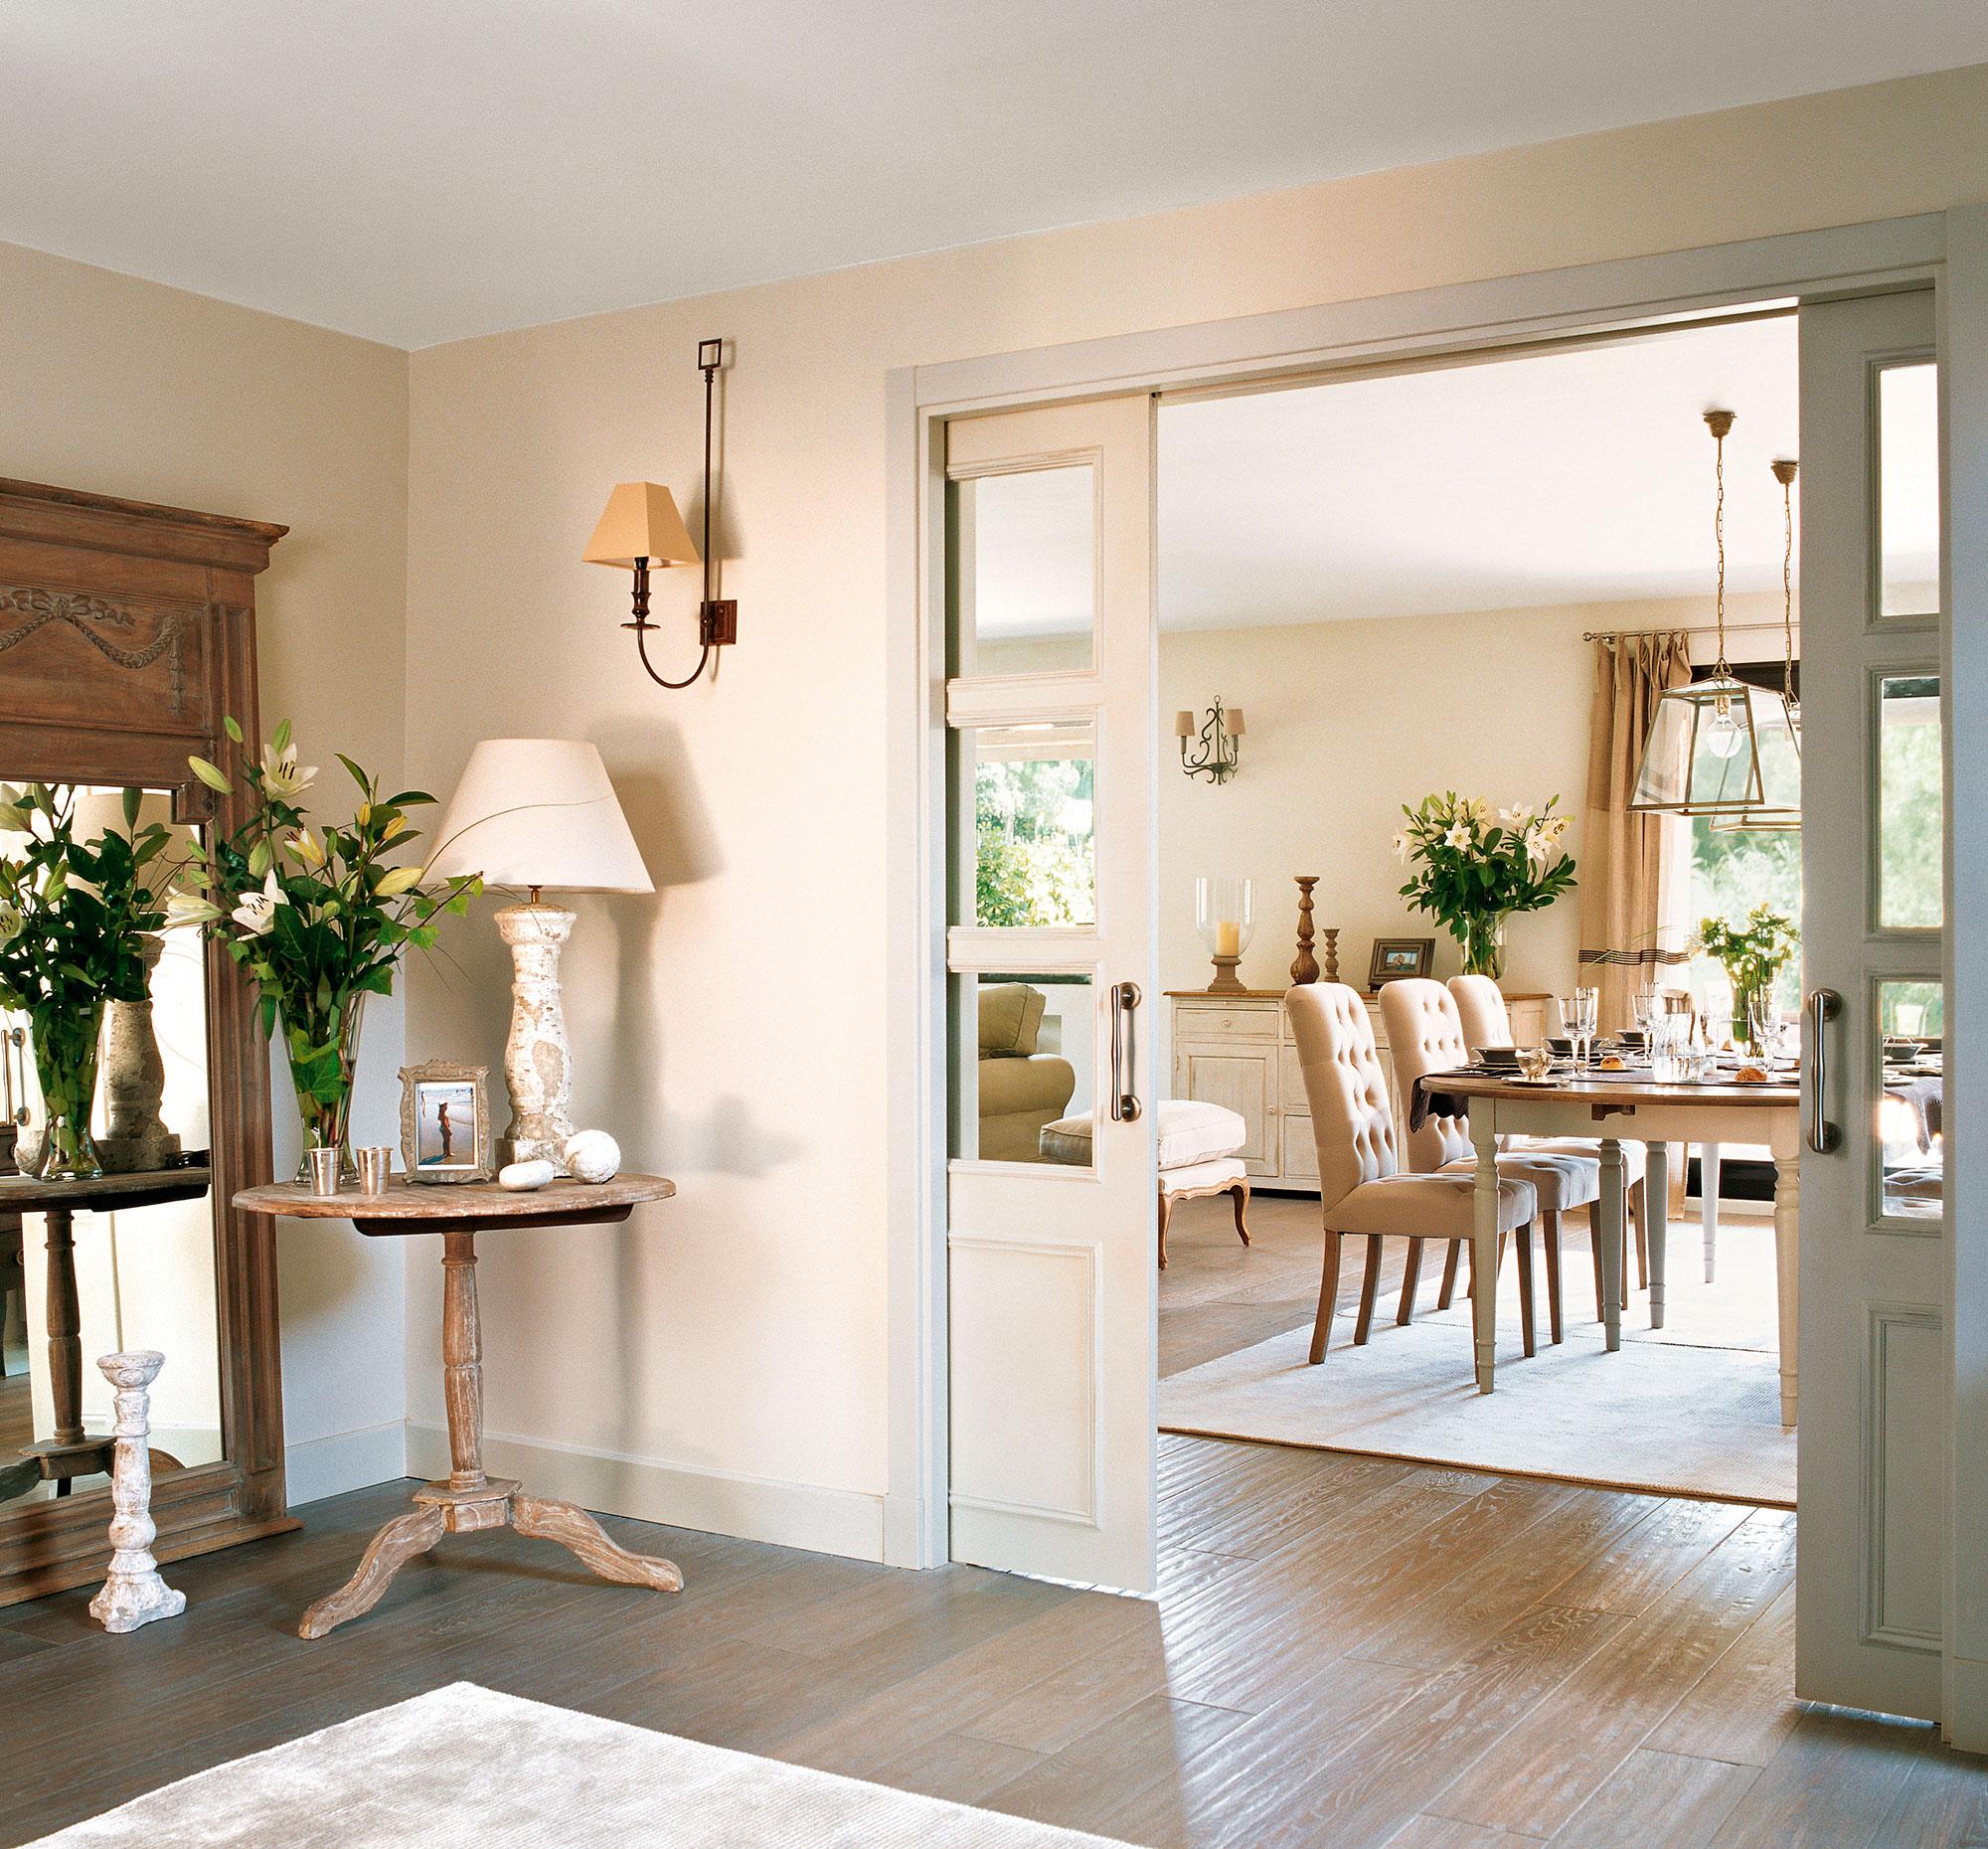 Instala una puerta corredera en casa y gana 1 5 m2 reales - Puertas cristal corredera ...